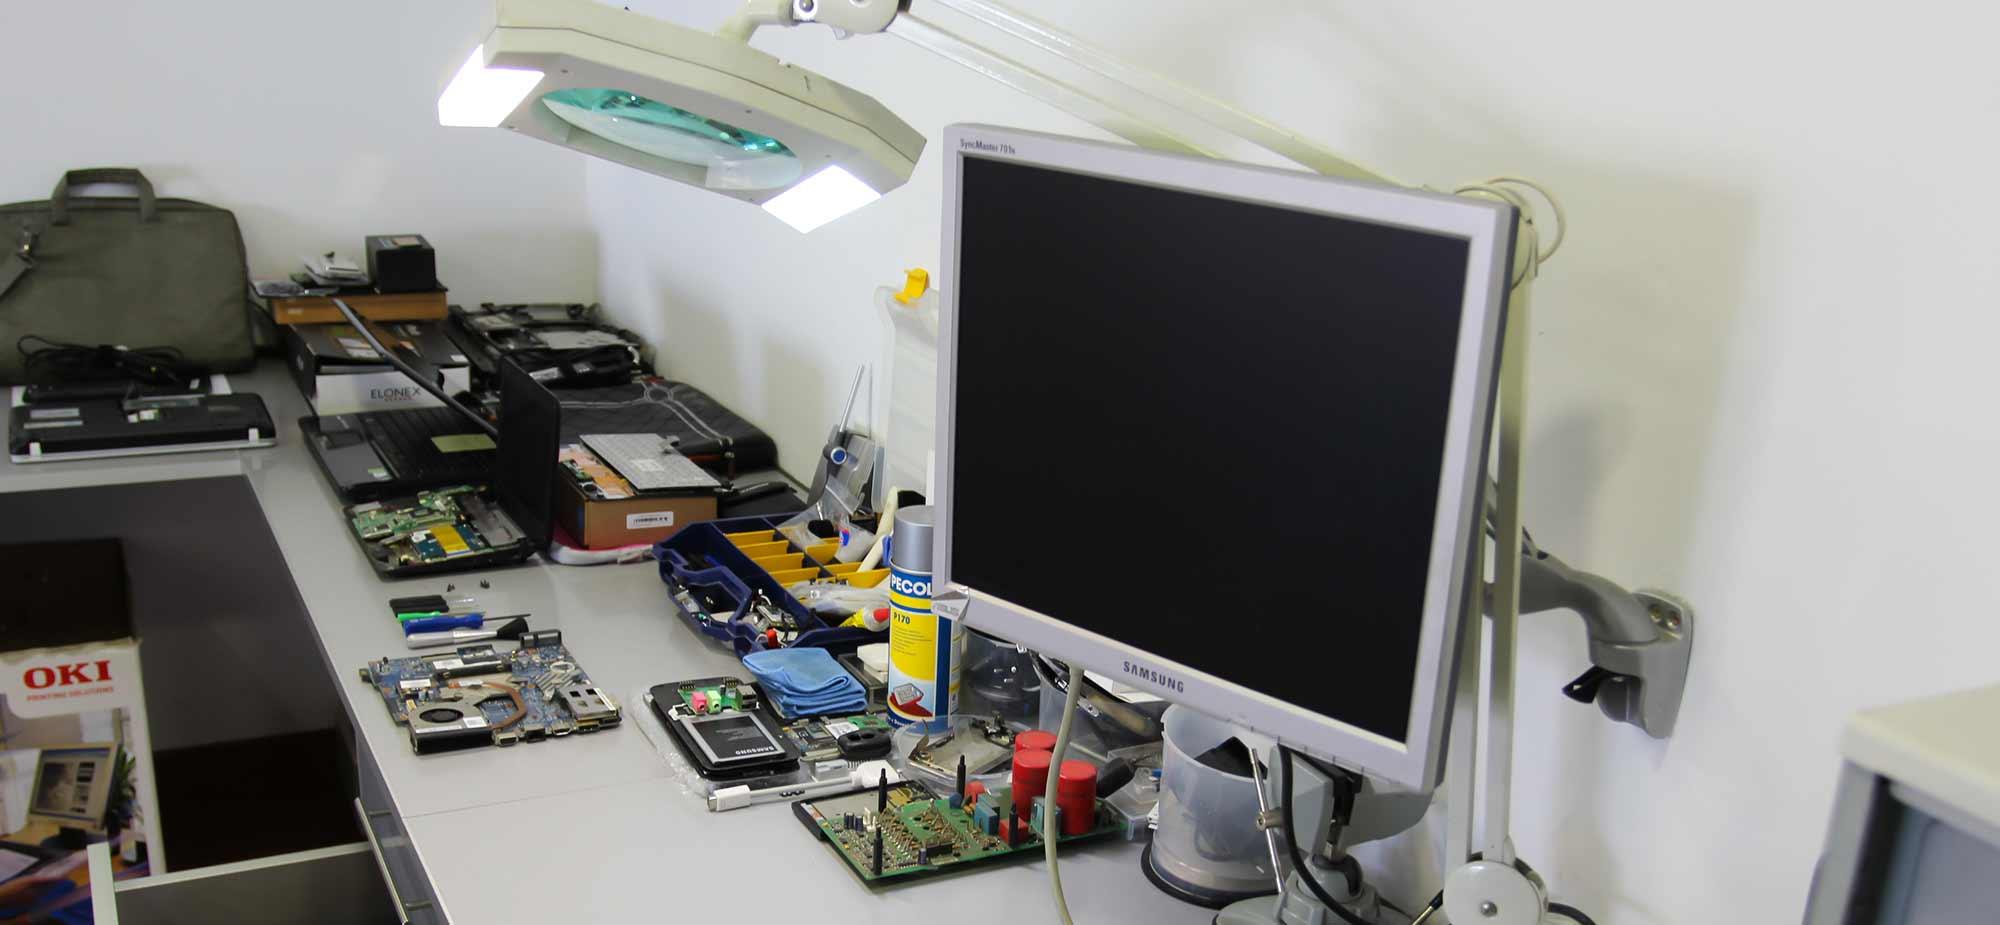 Zona técnica de hardware